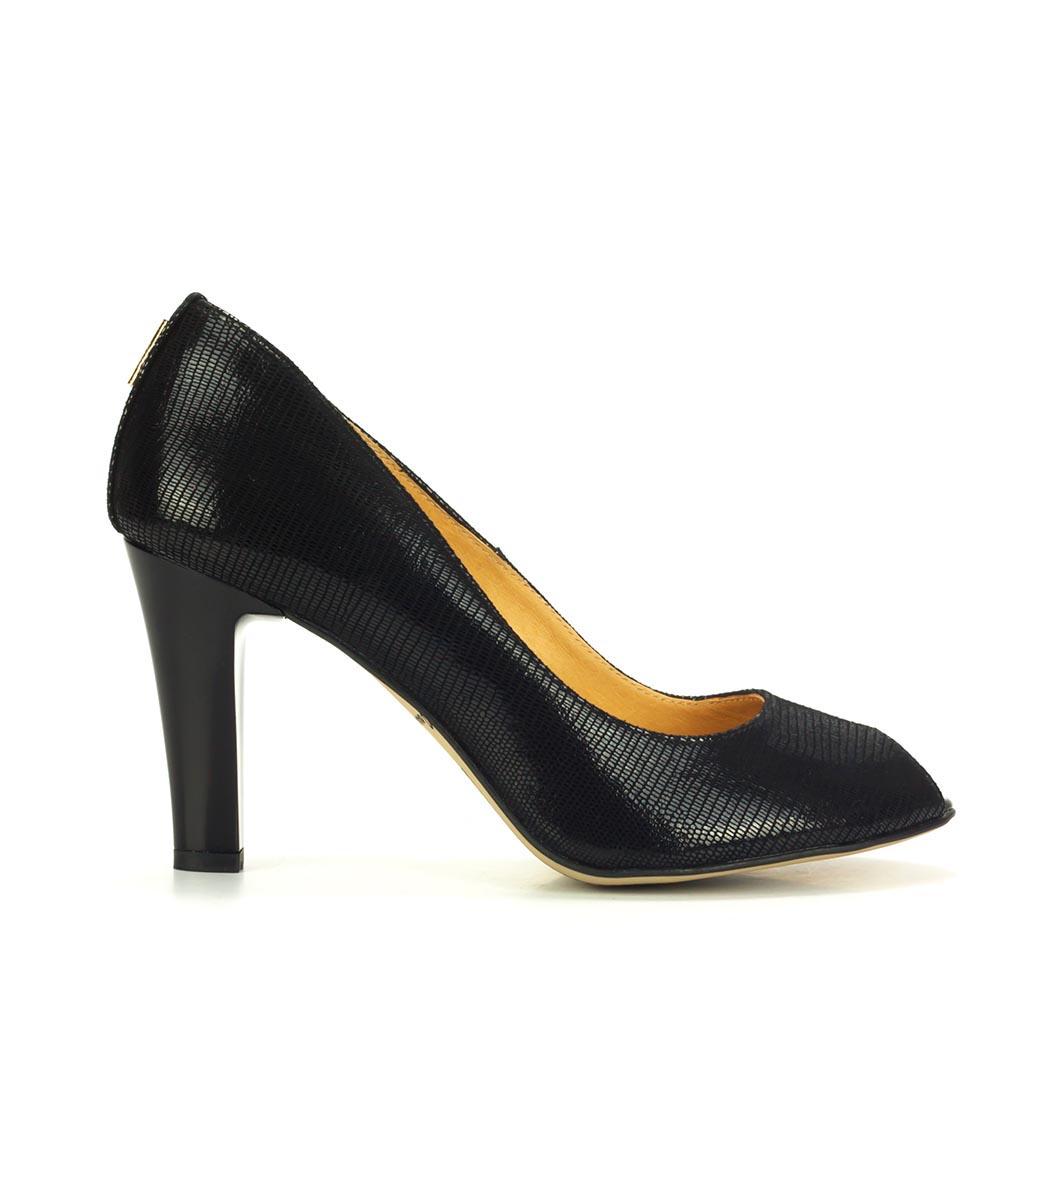 6865a5830f6 Черни дамски кожени обувки с отворени пръсти - 586096 - Fashion ...